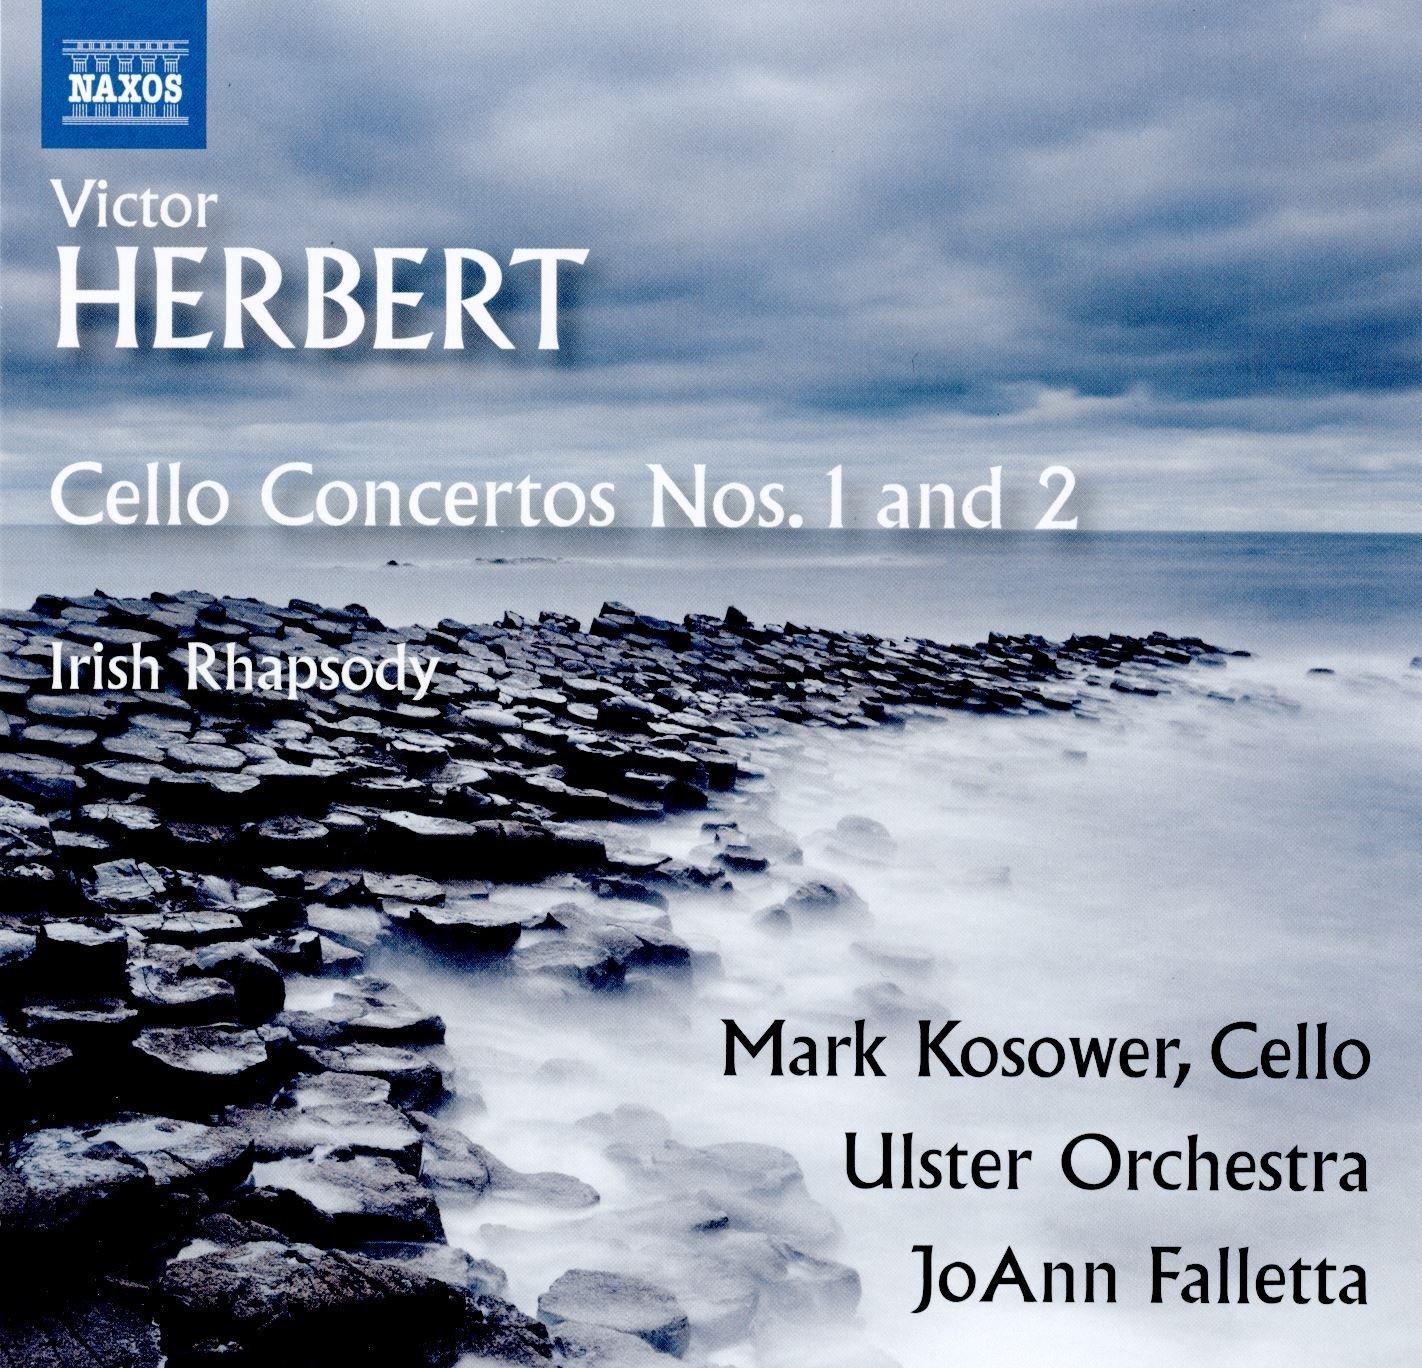 Victor Herbert Cello Concertos